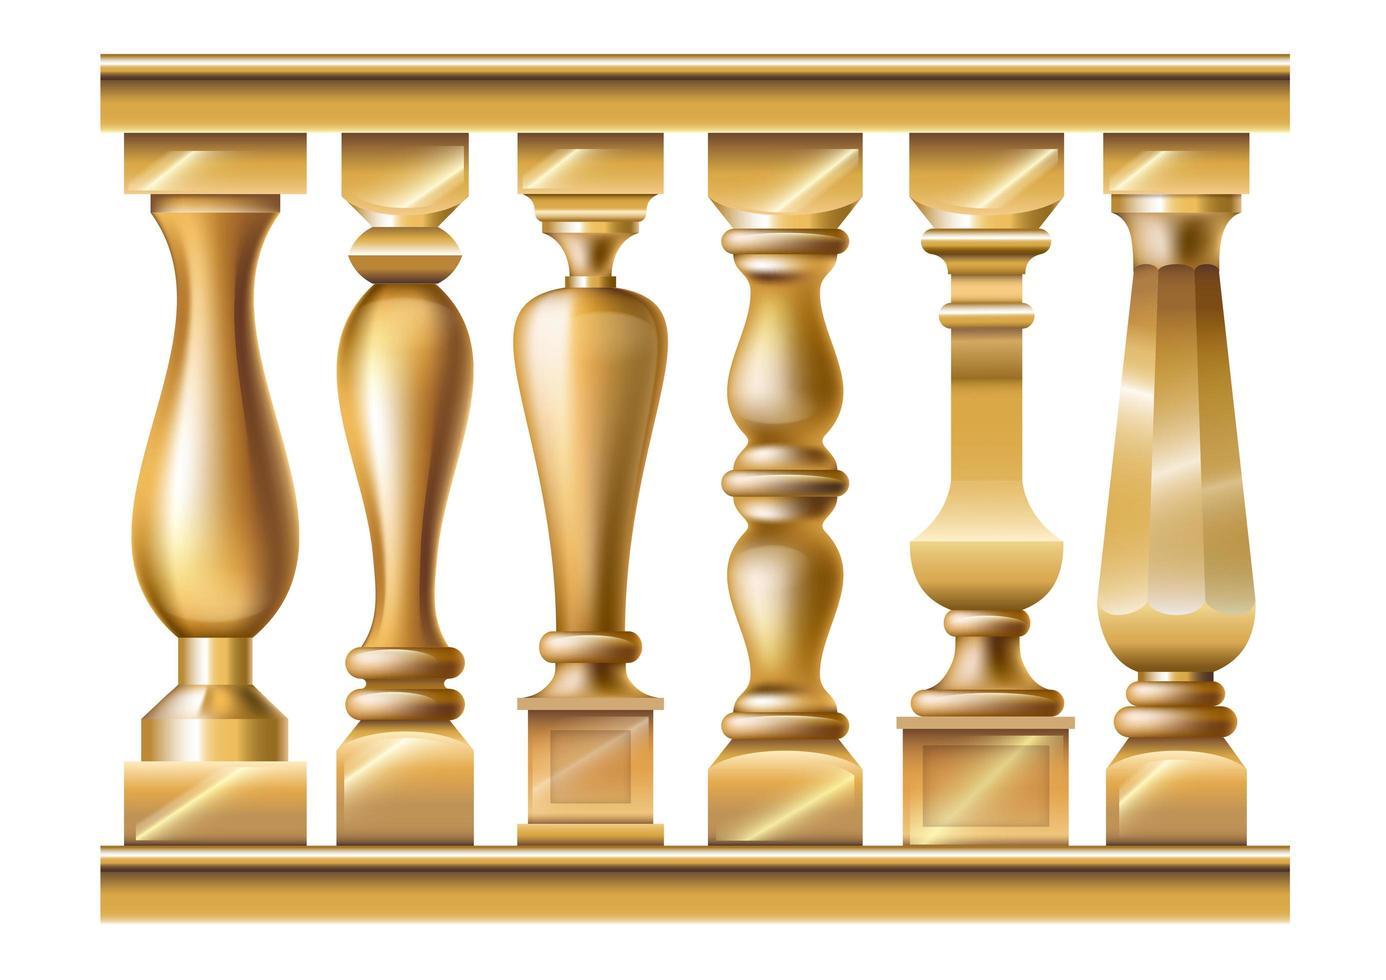 conjunto de diferentes balaustres de oro vector